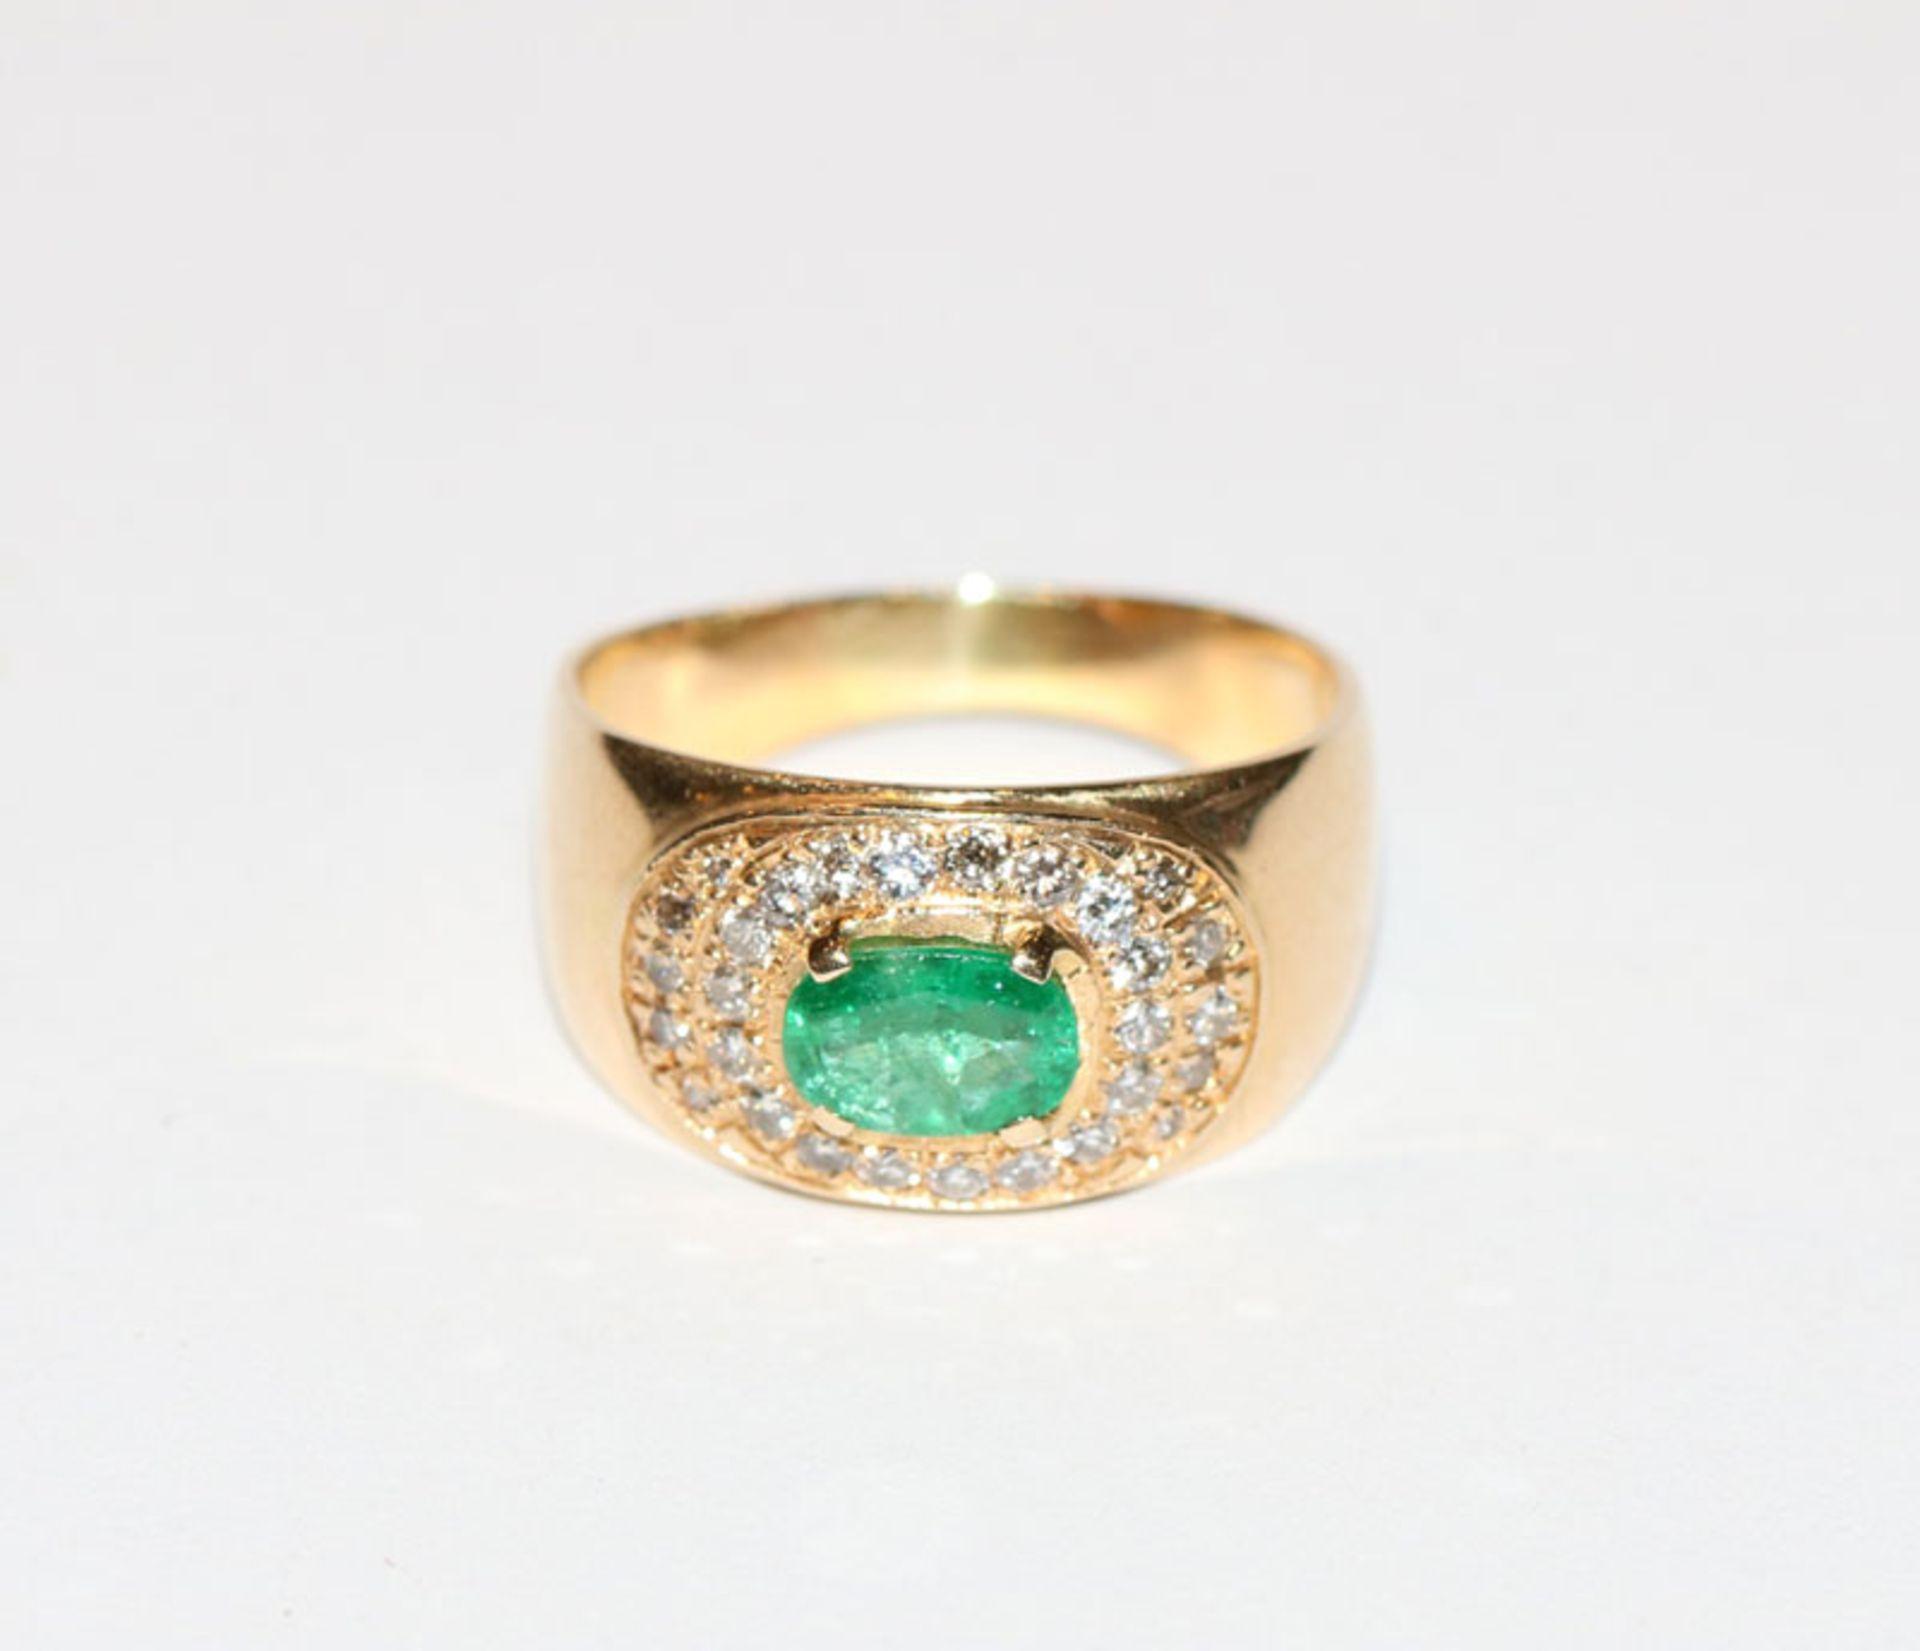 18 k Gelbgold Ring mit Smaragd und Diamantkranz, Gr. 58, schöne Handarbeit